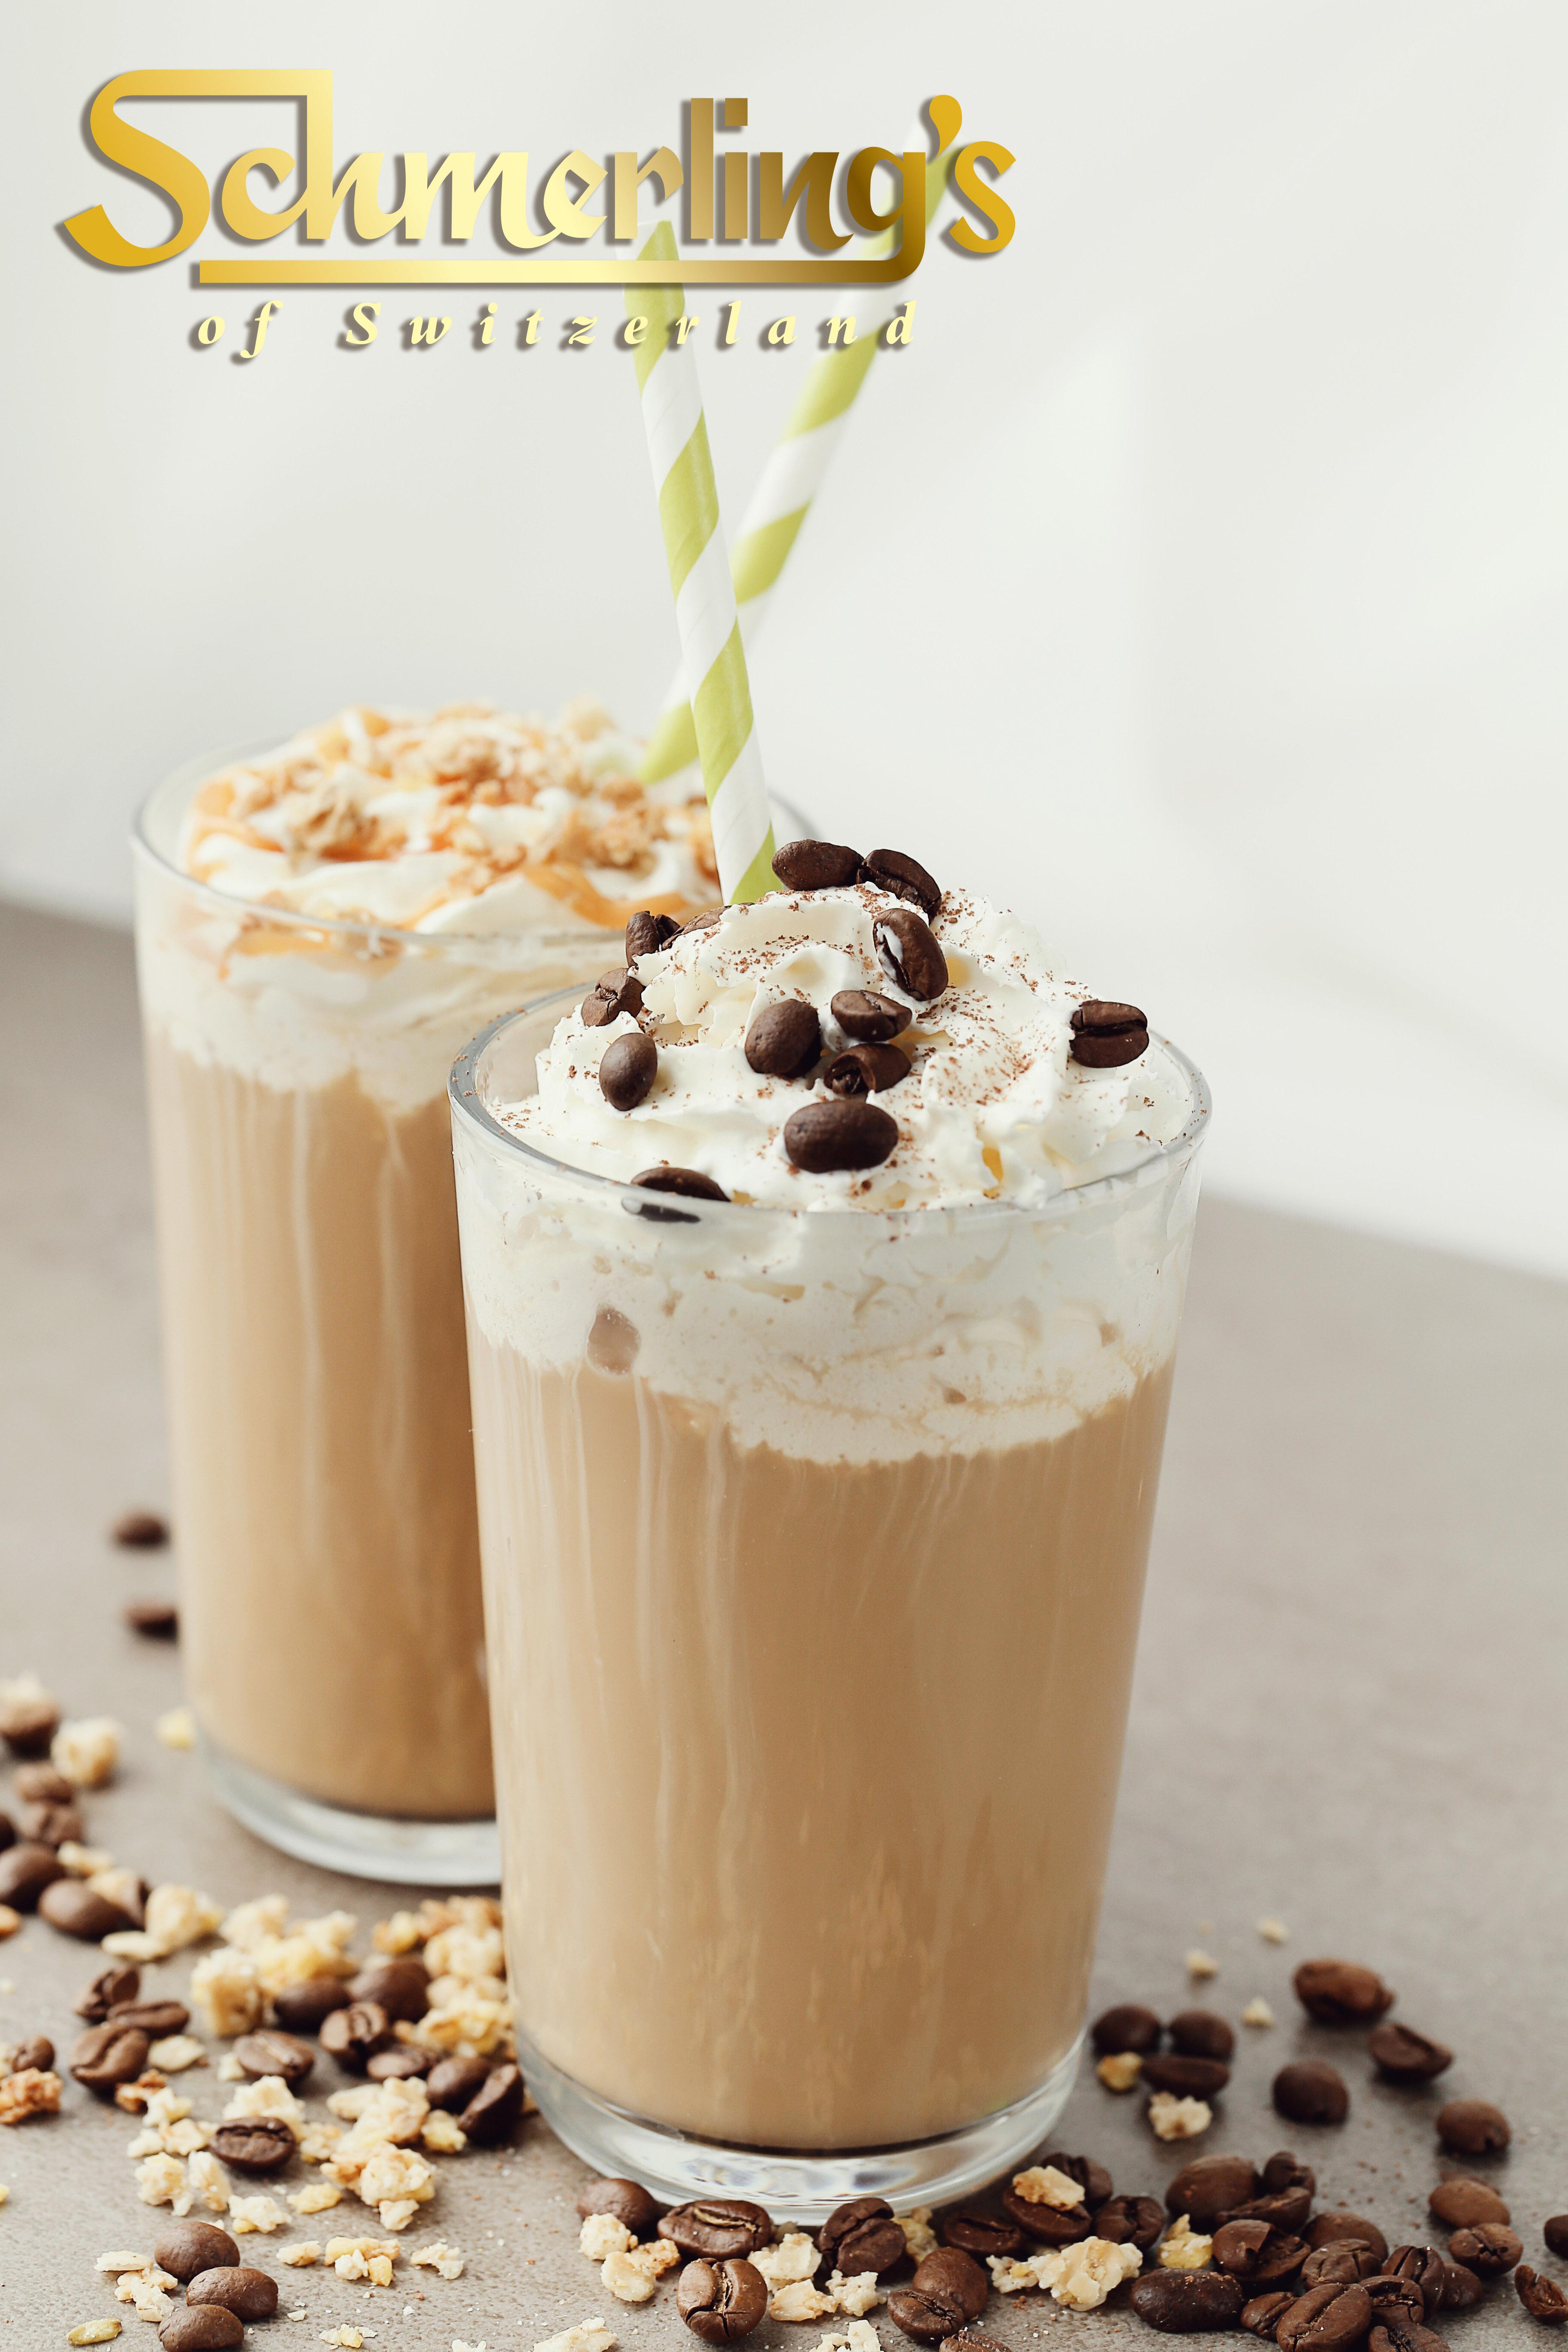 יחצ שוקולד אייסקפה